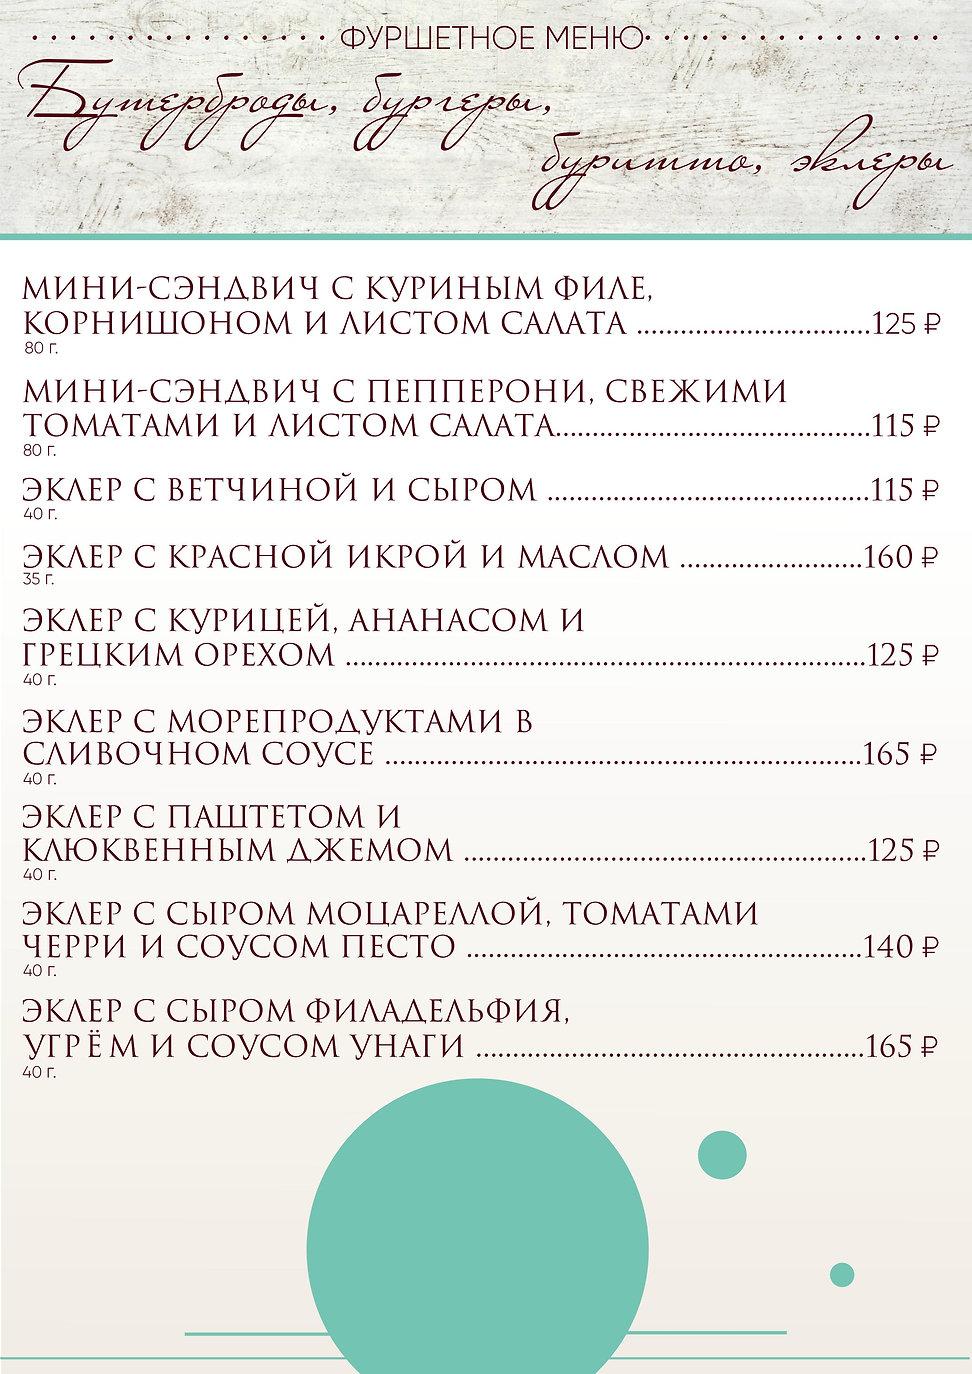 фуршетное меню - 9-2.jpg